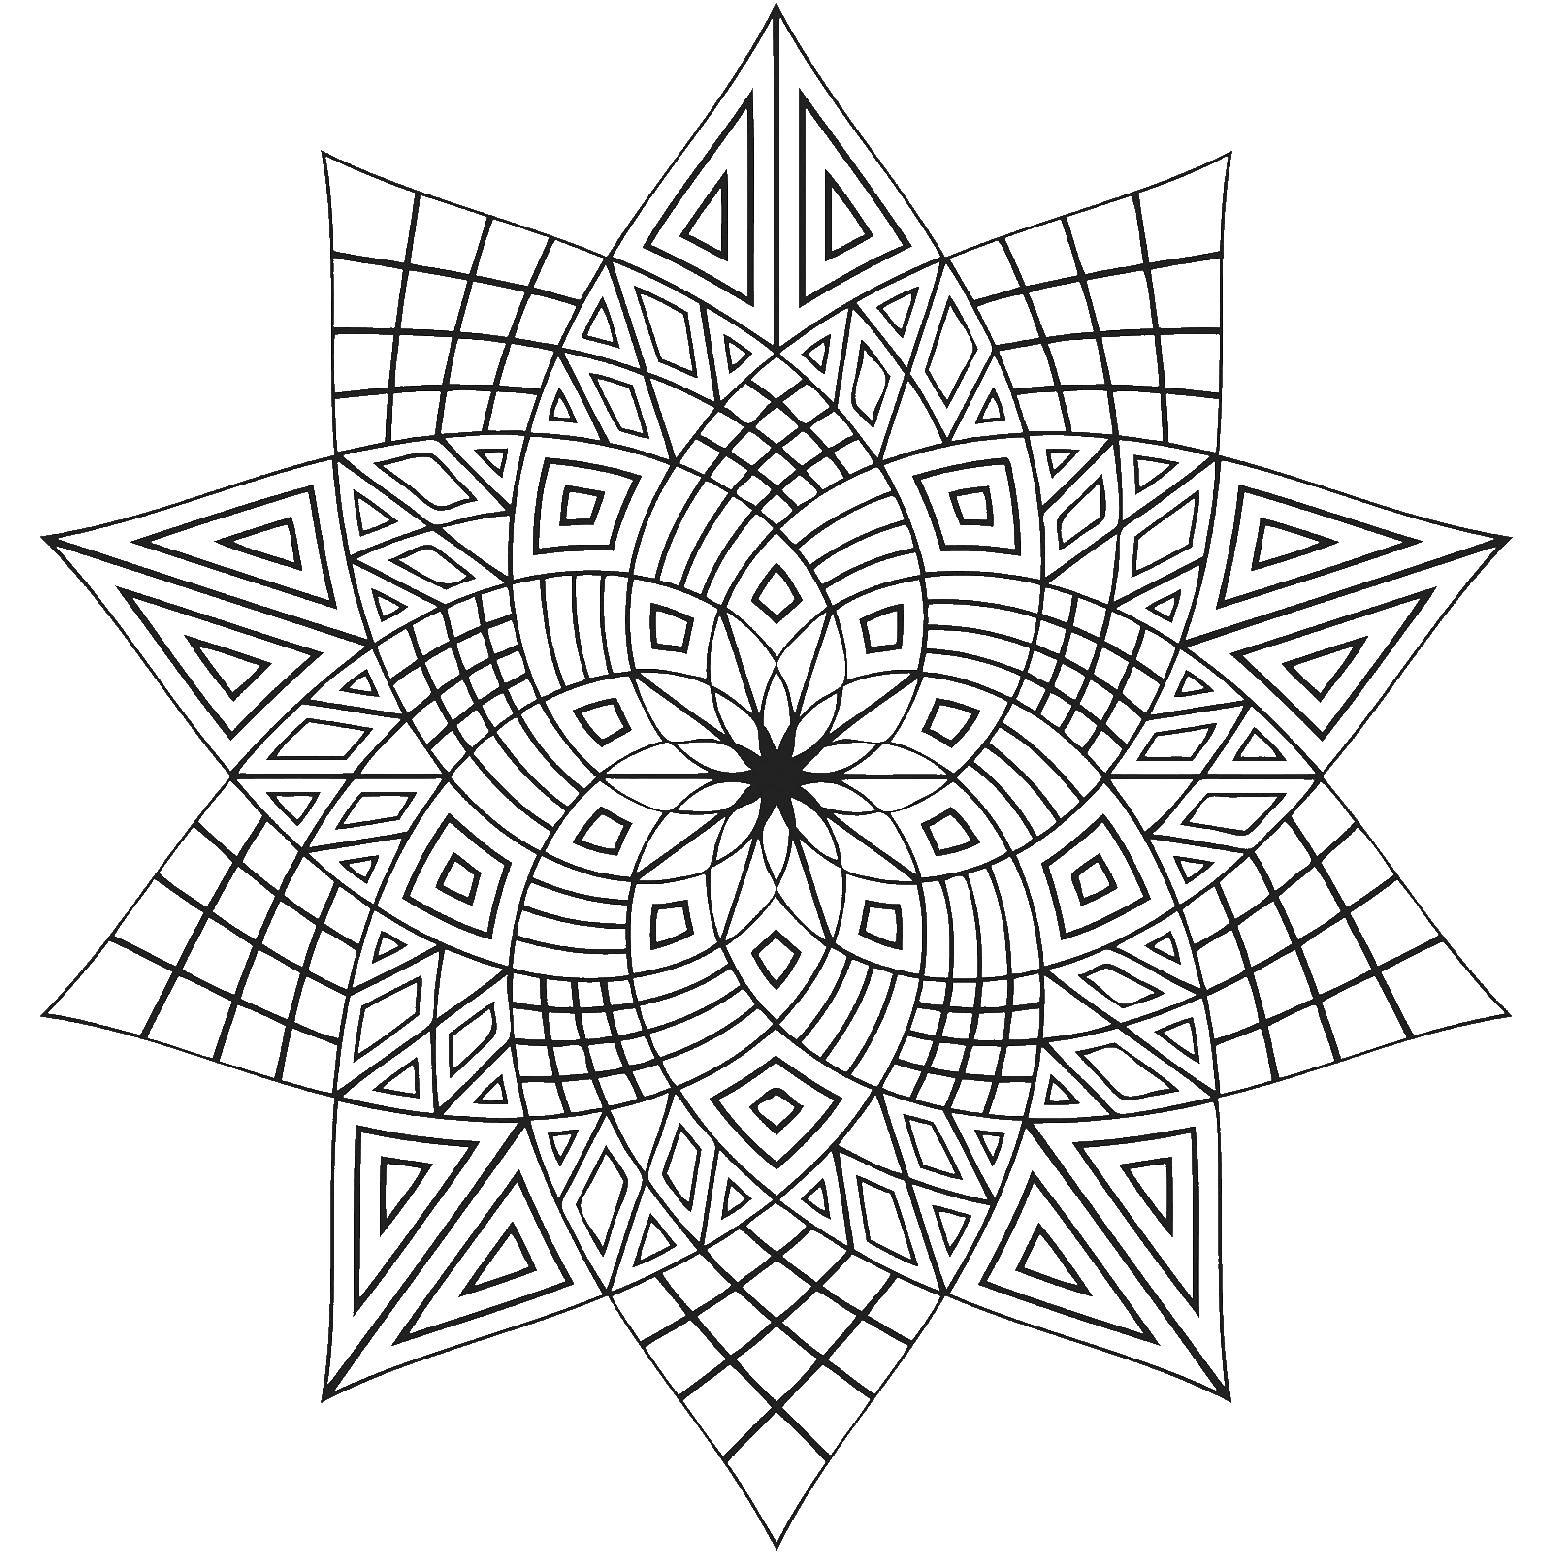 геометрические фигуры Раскраски для взрослых скачать